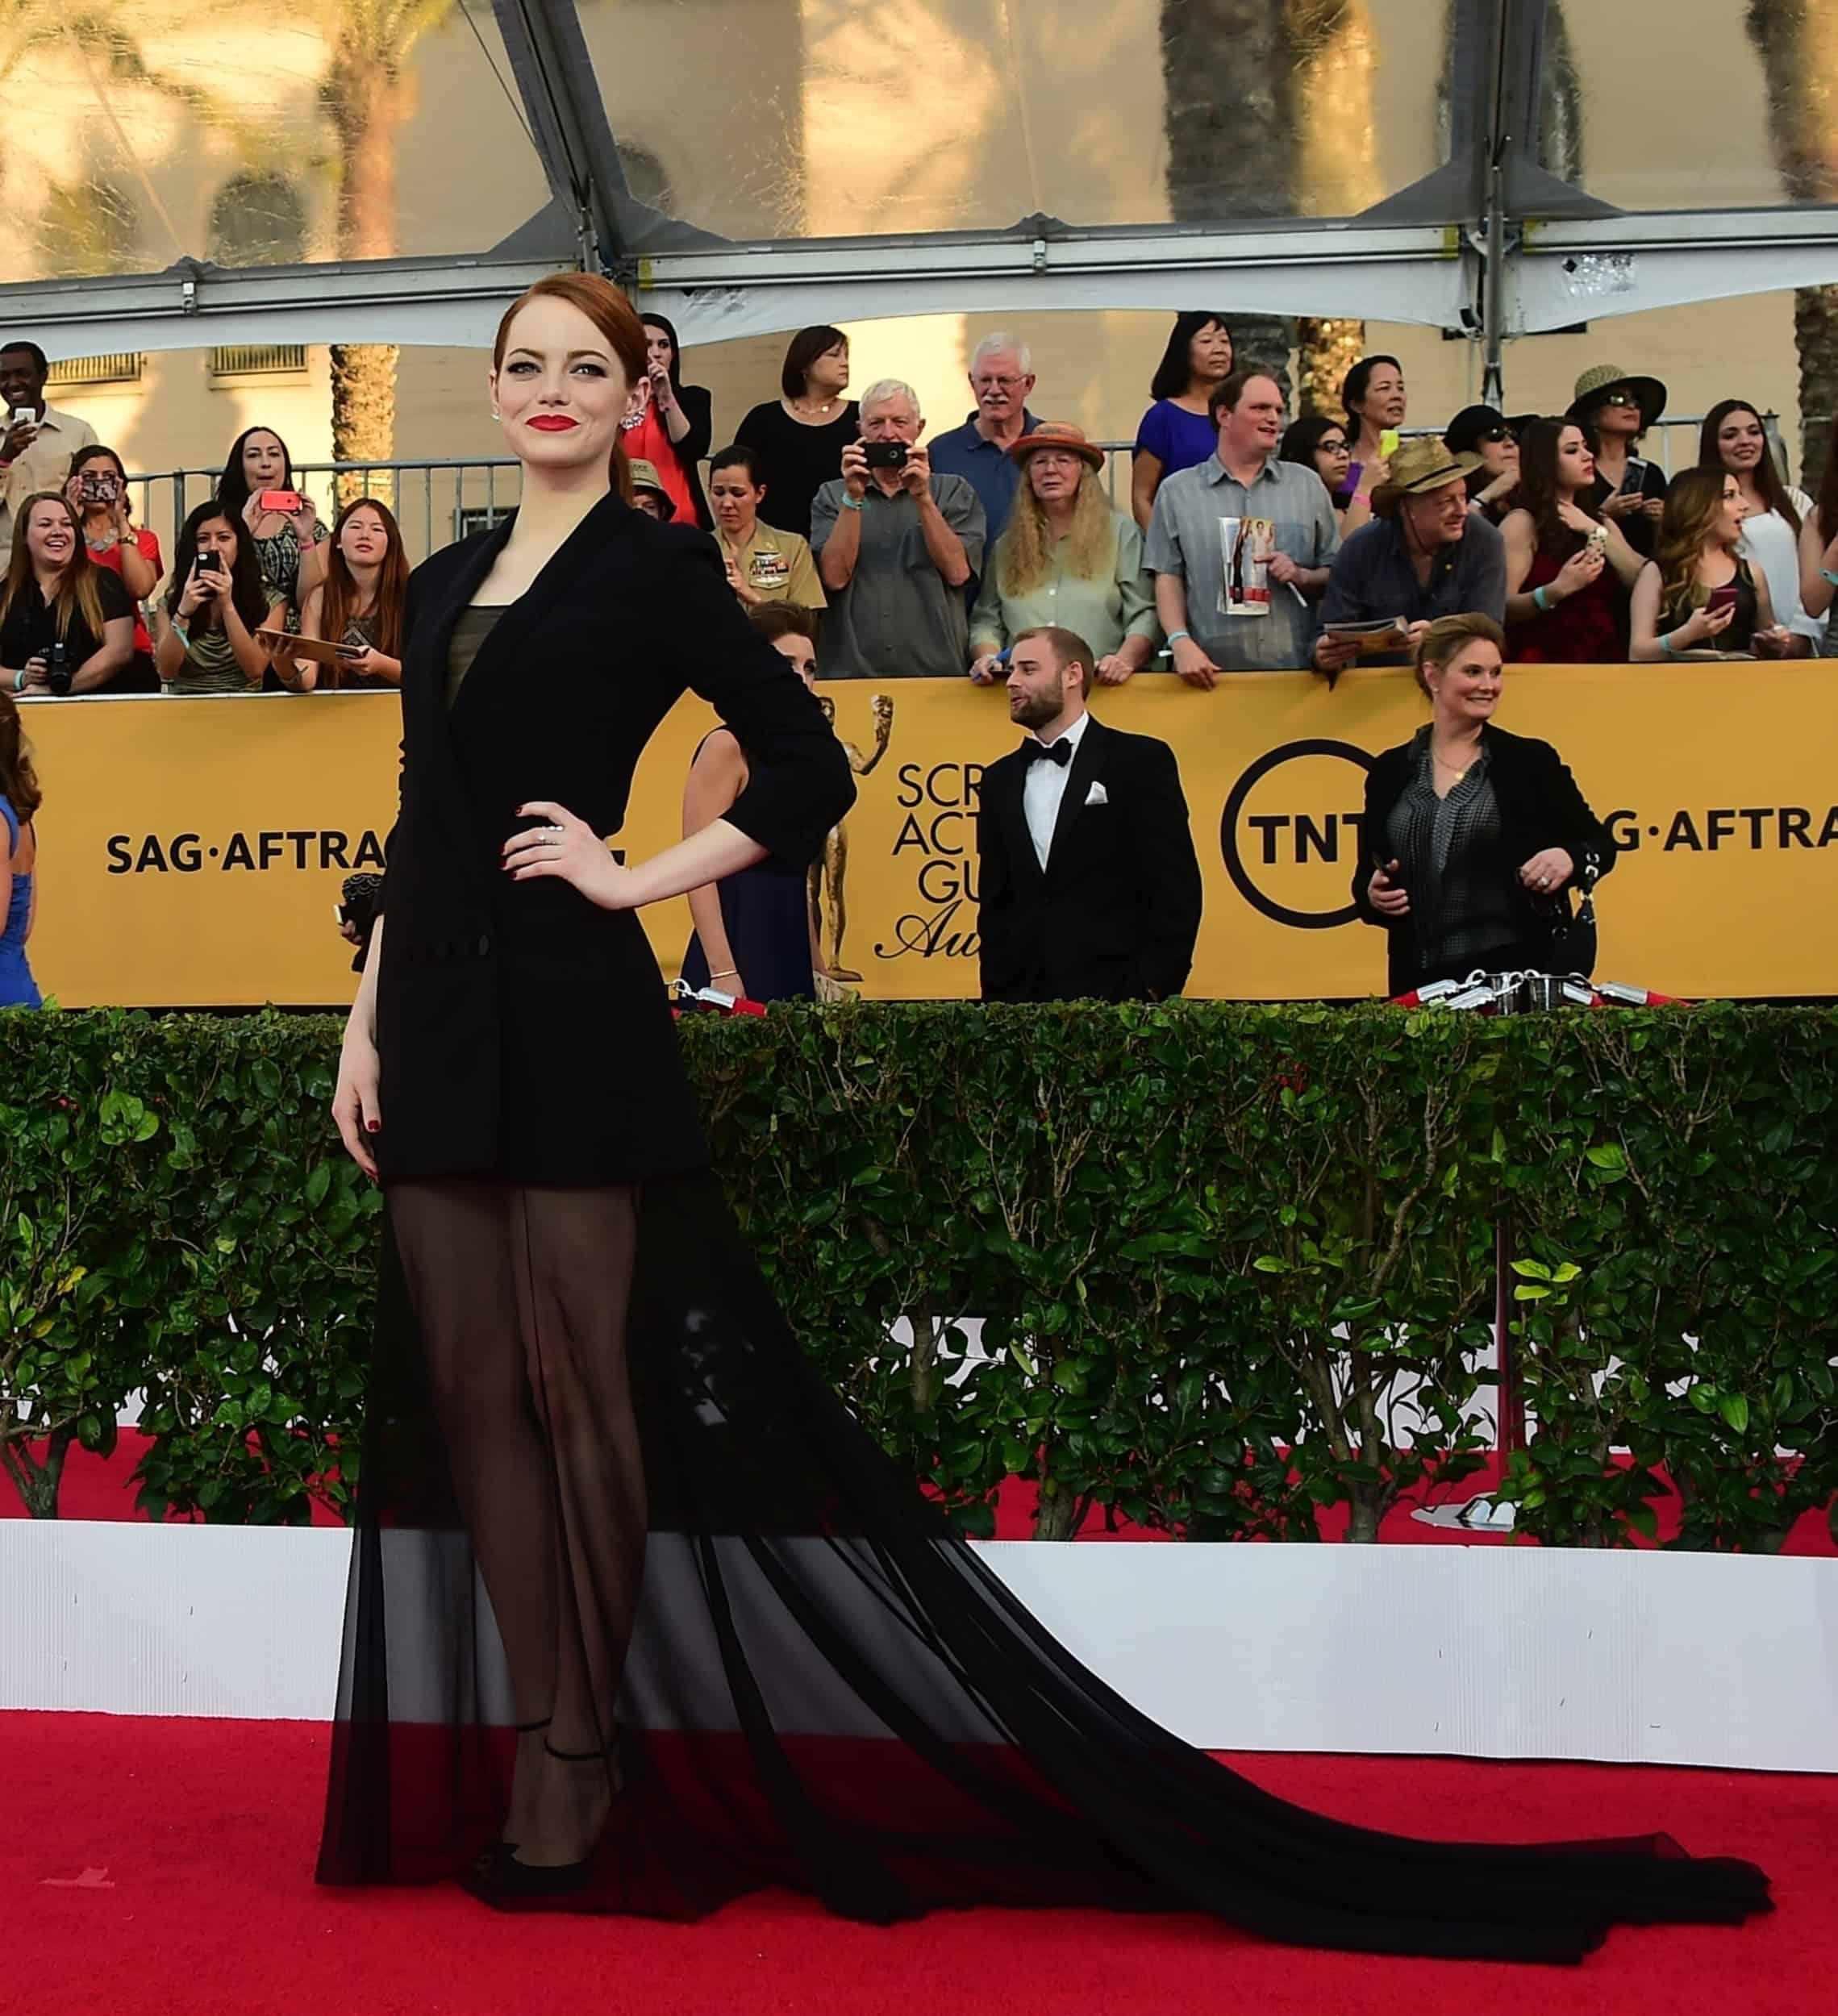 2015-sag-awards-red-carpet-best-worst-dressed-12